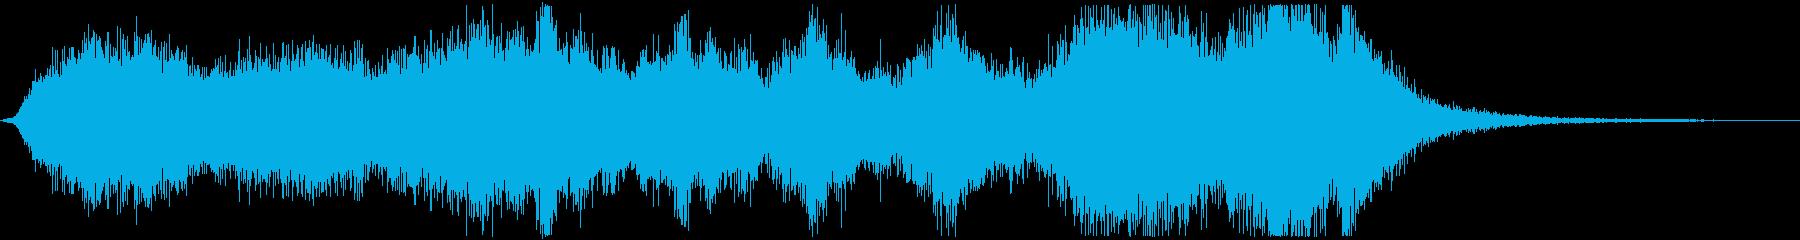 コミカルわくわくオーケストラエンディングの再生済みの波形